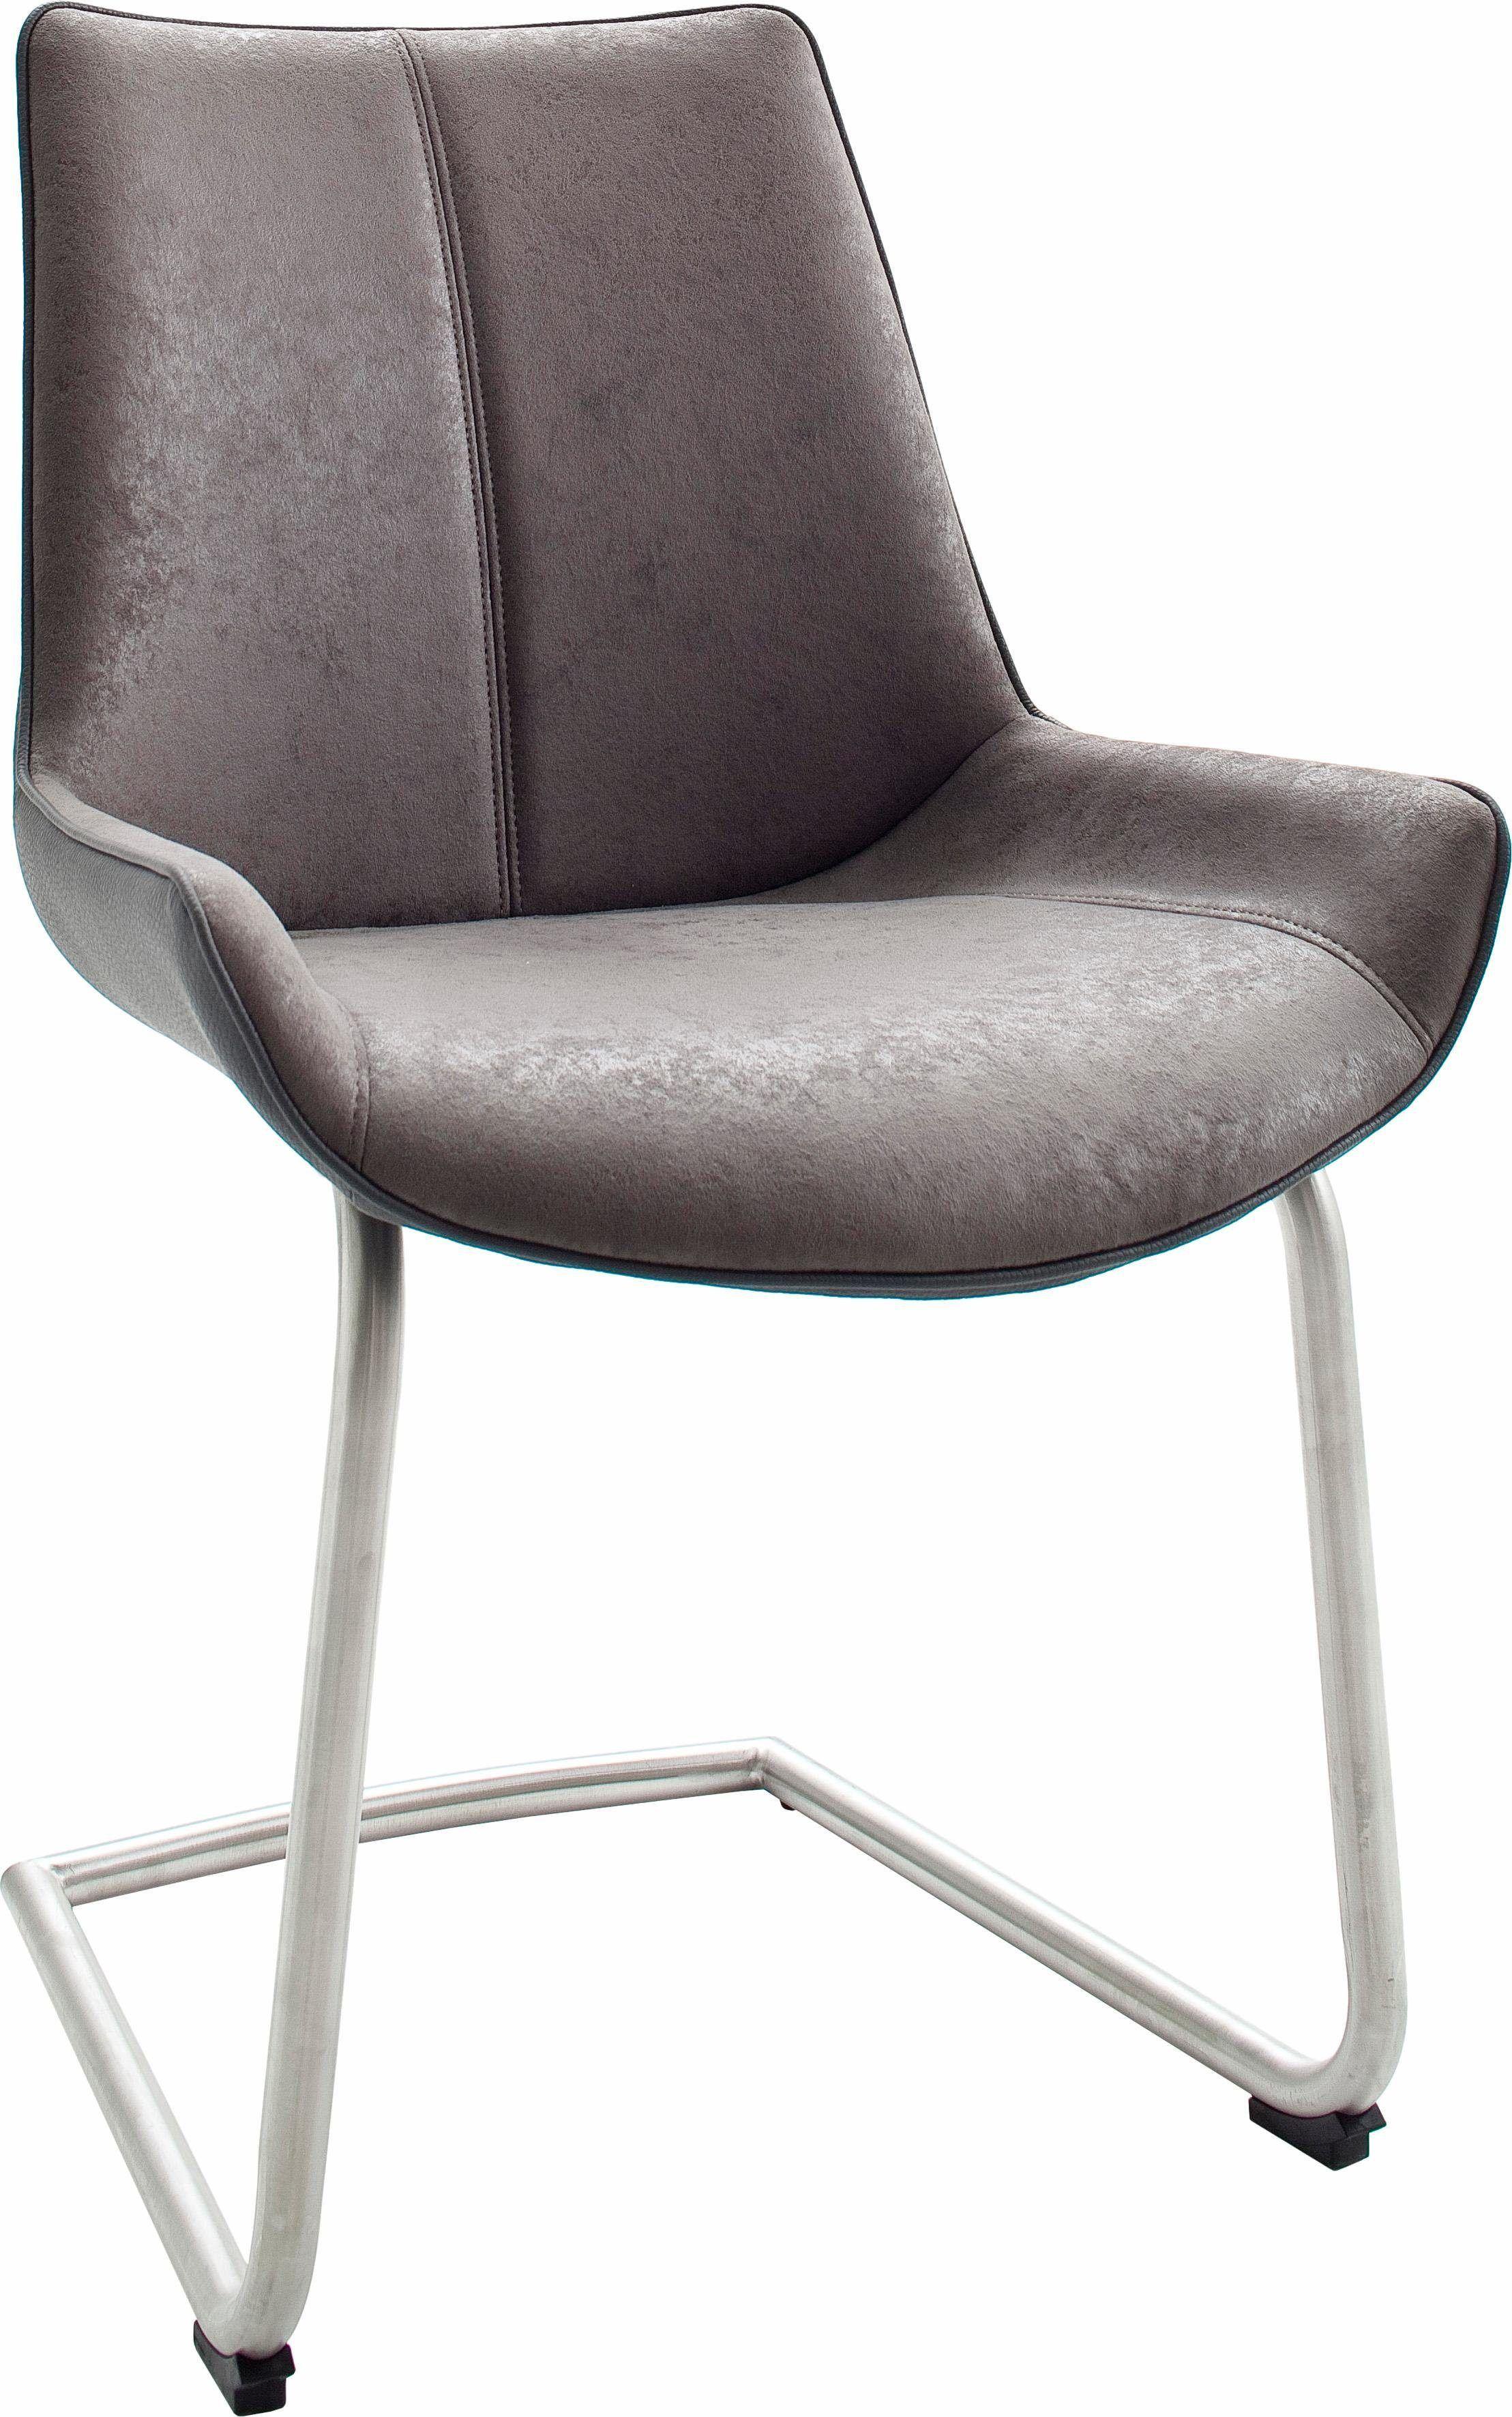 Stühle (2 Stück) Grau, Schwinger, Pflegeleichtes Kunstleder, Yourhome Jetzt  Bestellen Unter